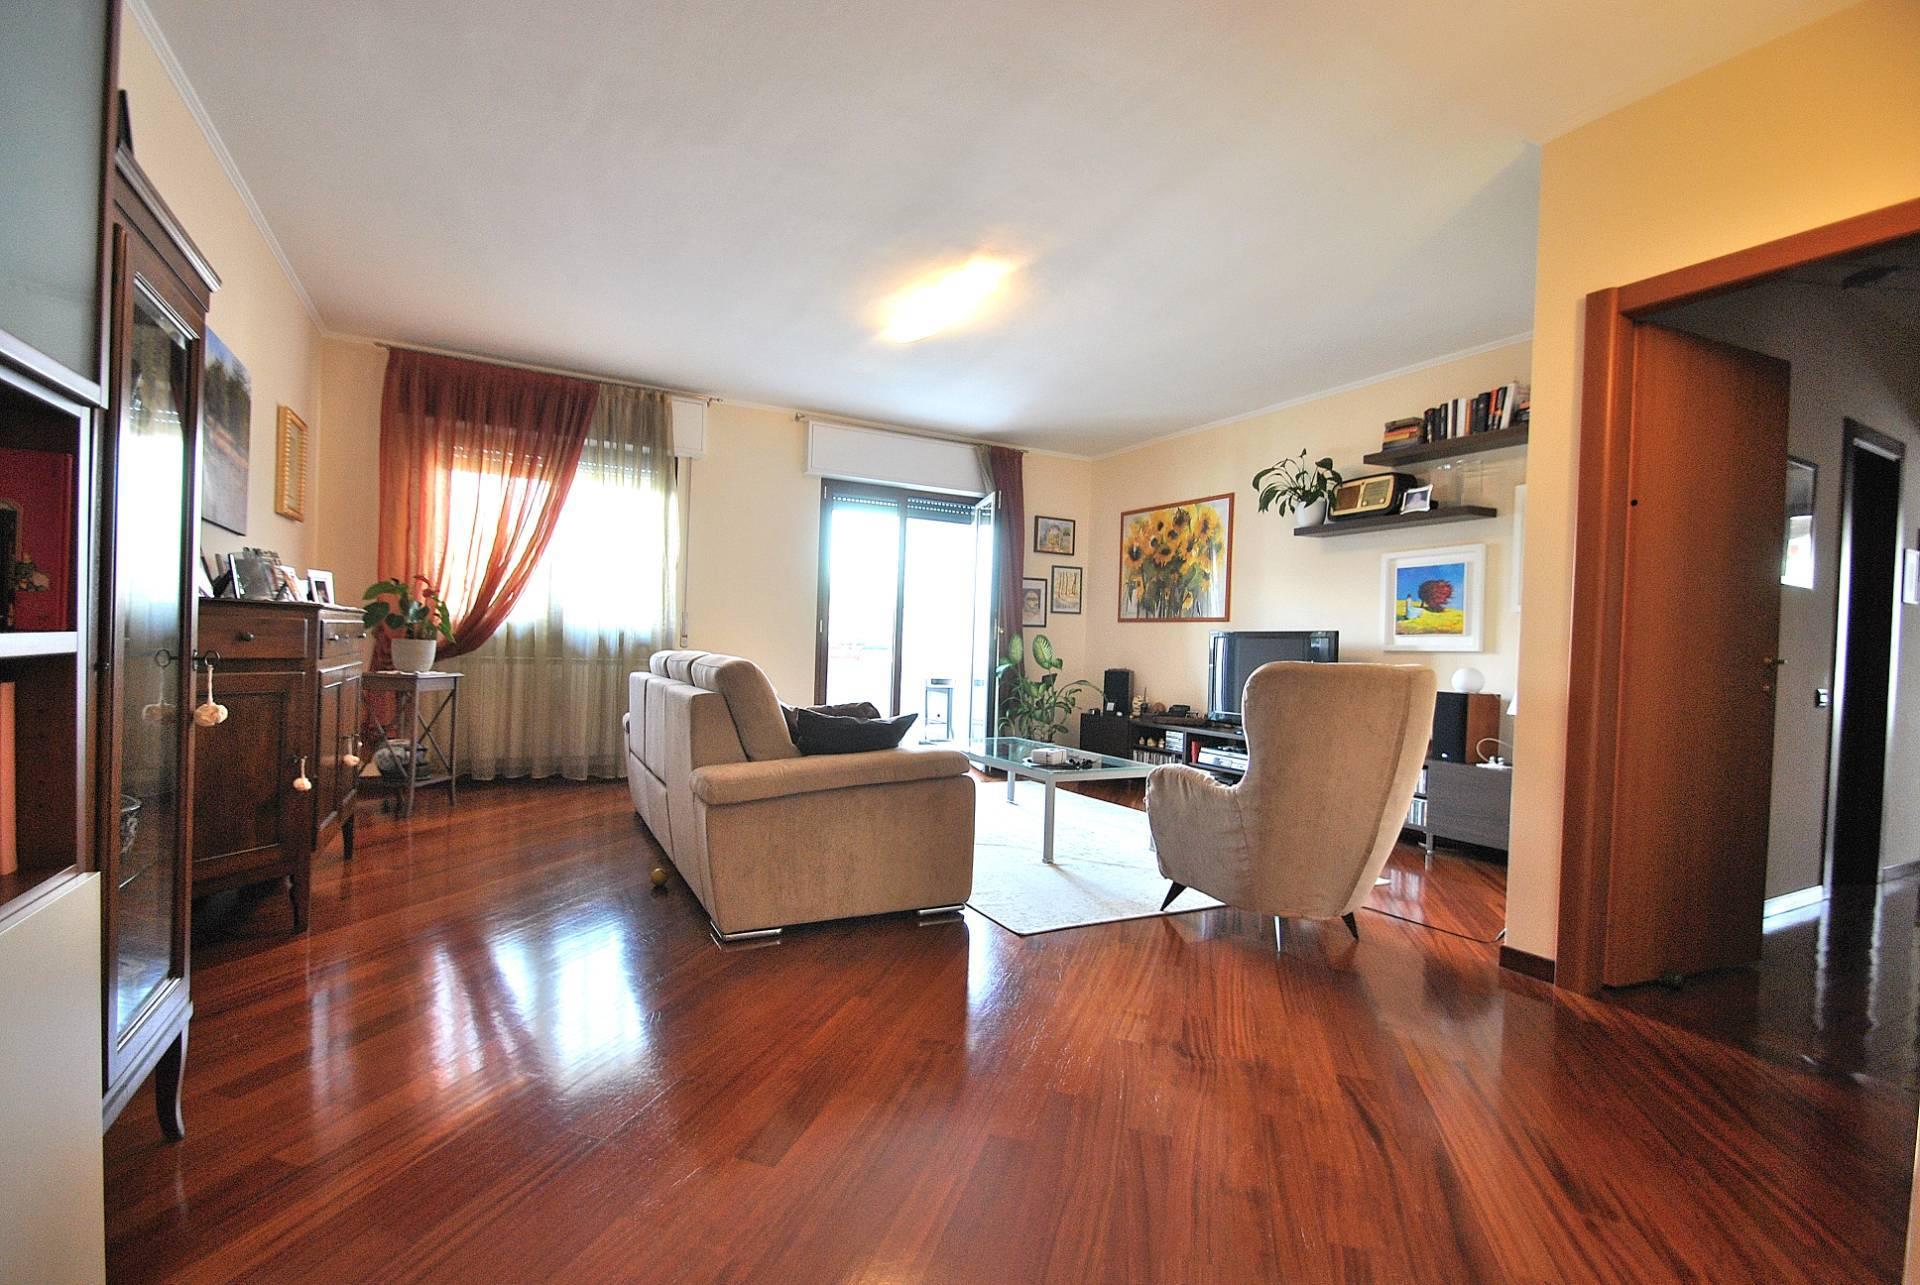 Appartamento in vendita a Vimercate, 4 locali, zona Località: CentroScuoleManzoni/filiberto, prezzo € 230.000 | CambioCasa.it